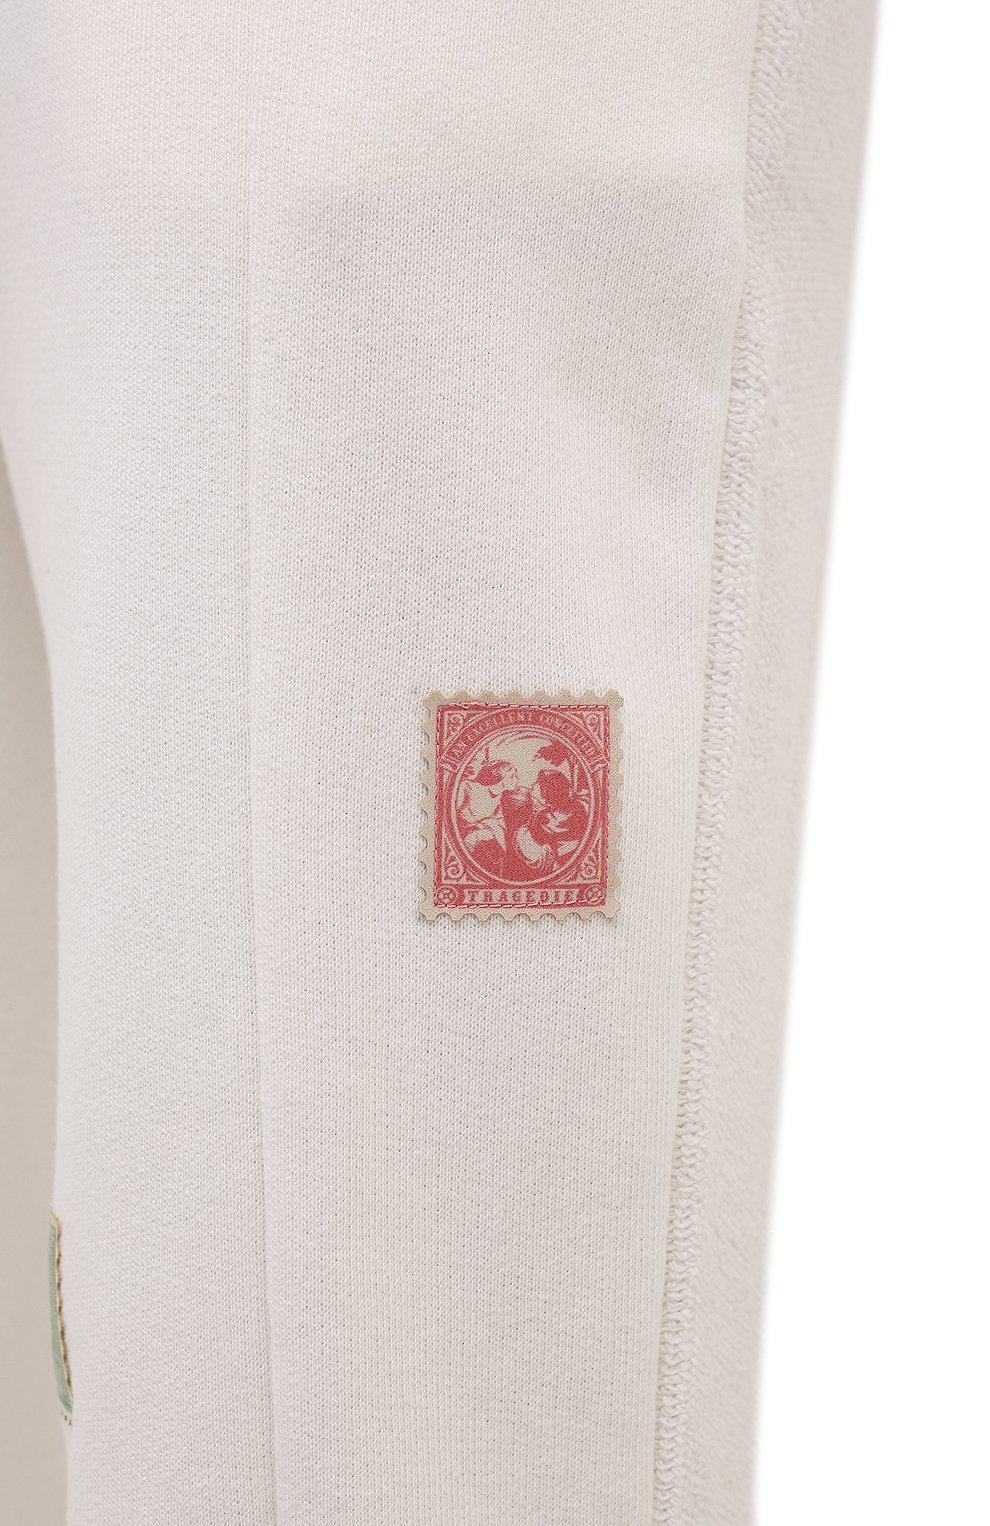 Мужские хлопковые джоггеры TEE LIBRARY кремвого цвета, арт. TFK-JP-44 | Фото 5 (Мужское Кросс-КТ: Брюки-трикотаж; Длина (брюки, джинсы): Стандартные; Кросс-КТ: Спорт; Материал внешний: Хлопок; Стили: Спорт-шик; Силуэт М (брюки): Джоггеры)